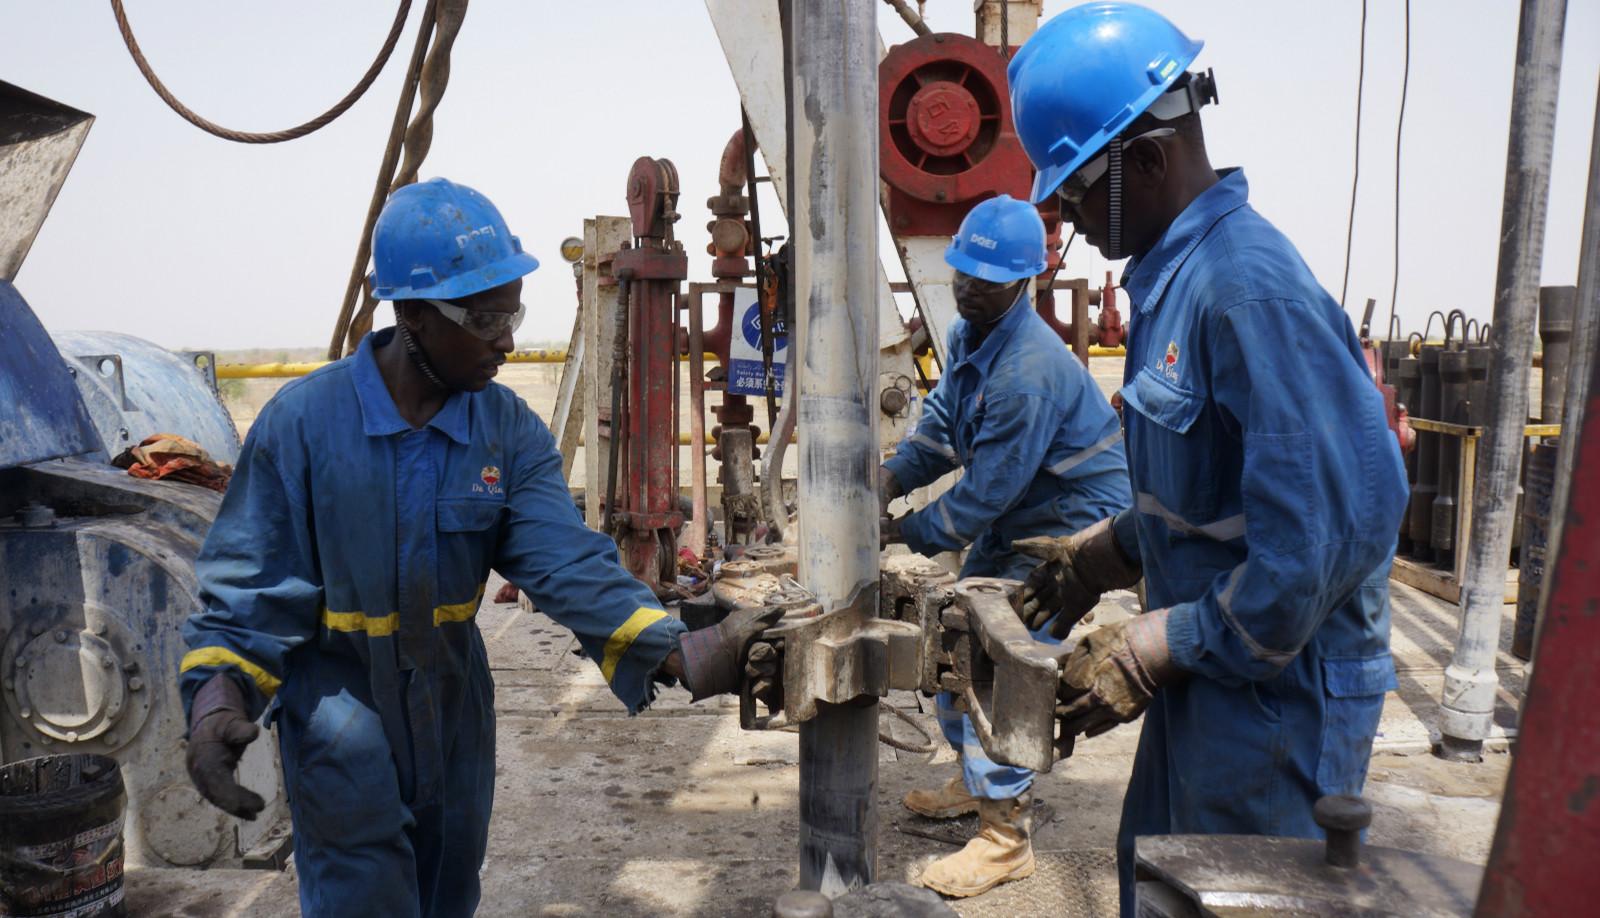 加快走出去步伐,推动油田振兴发展,图为钻井队在苏丹的施工现场。